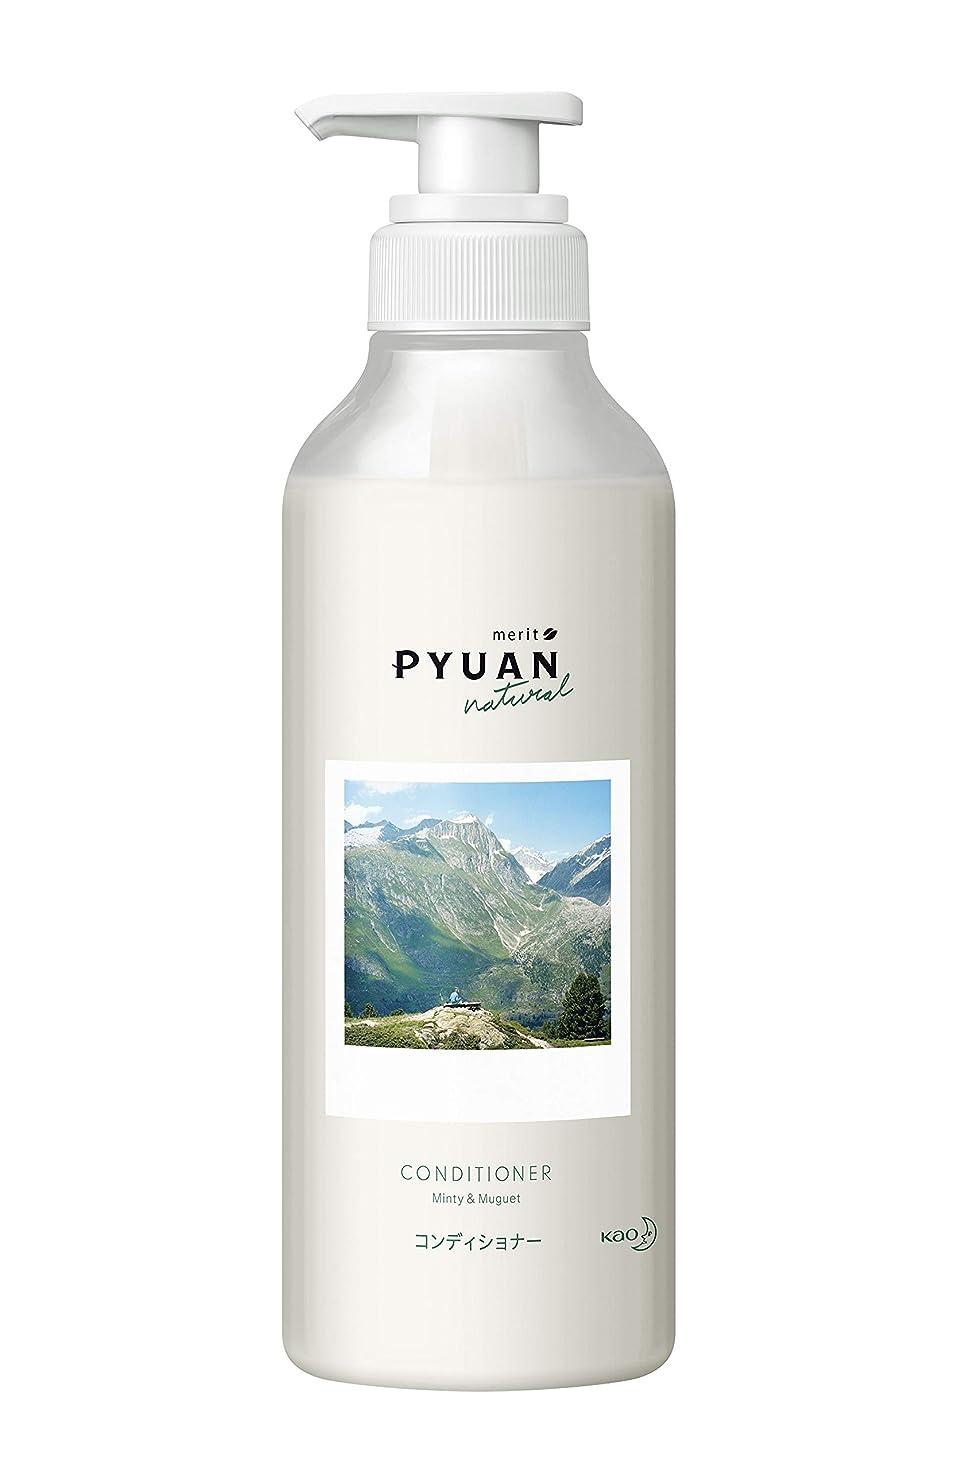 不振シンプルさに対応PYUAN(ピュアン) メリットピュアン ナチュラル (Natural) ミンティー&ミュゲの香り コンディショナー ポンプ 425ml 高橋 ヨーコ コラボ